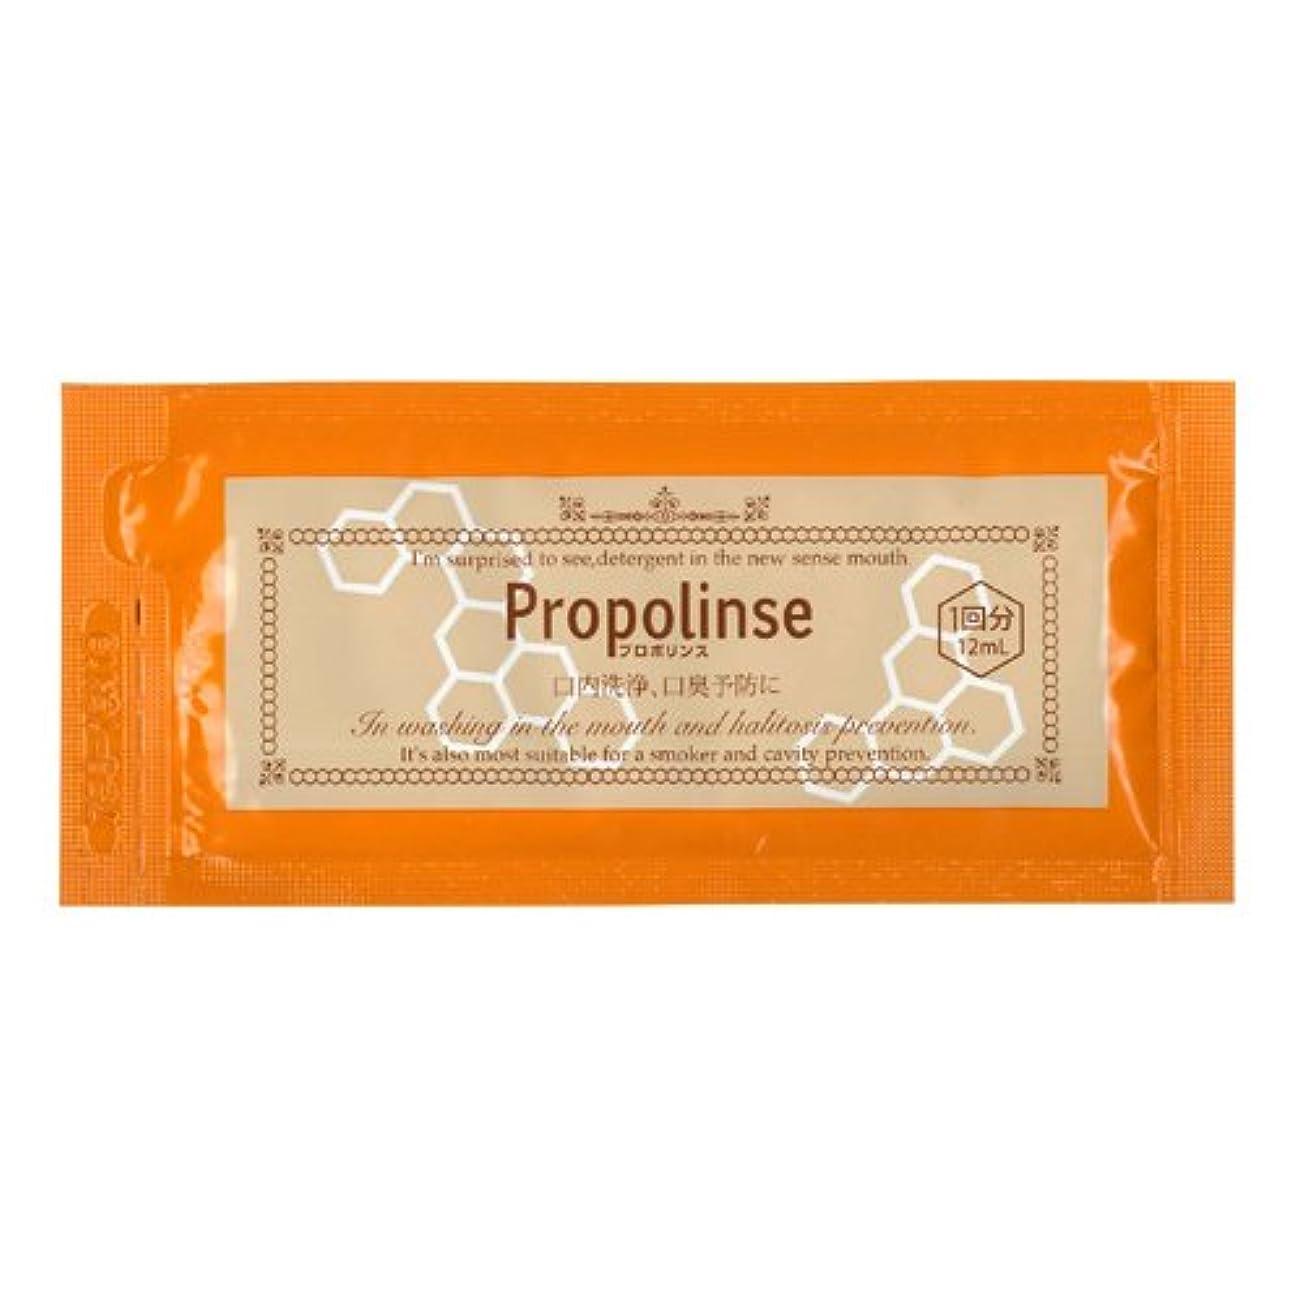 ずっと本物許されるプロポリンス ハンディパウチ 12ml(1袋)×100袋